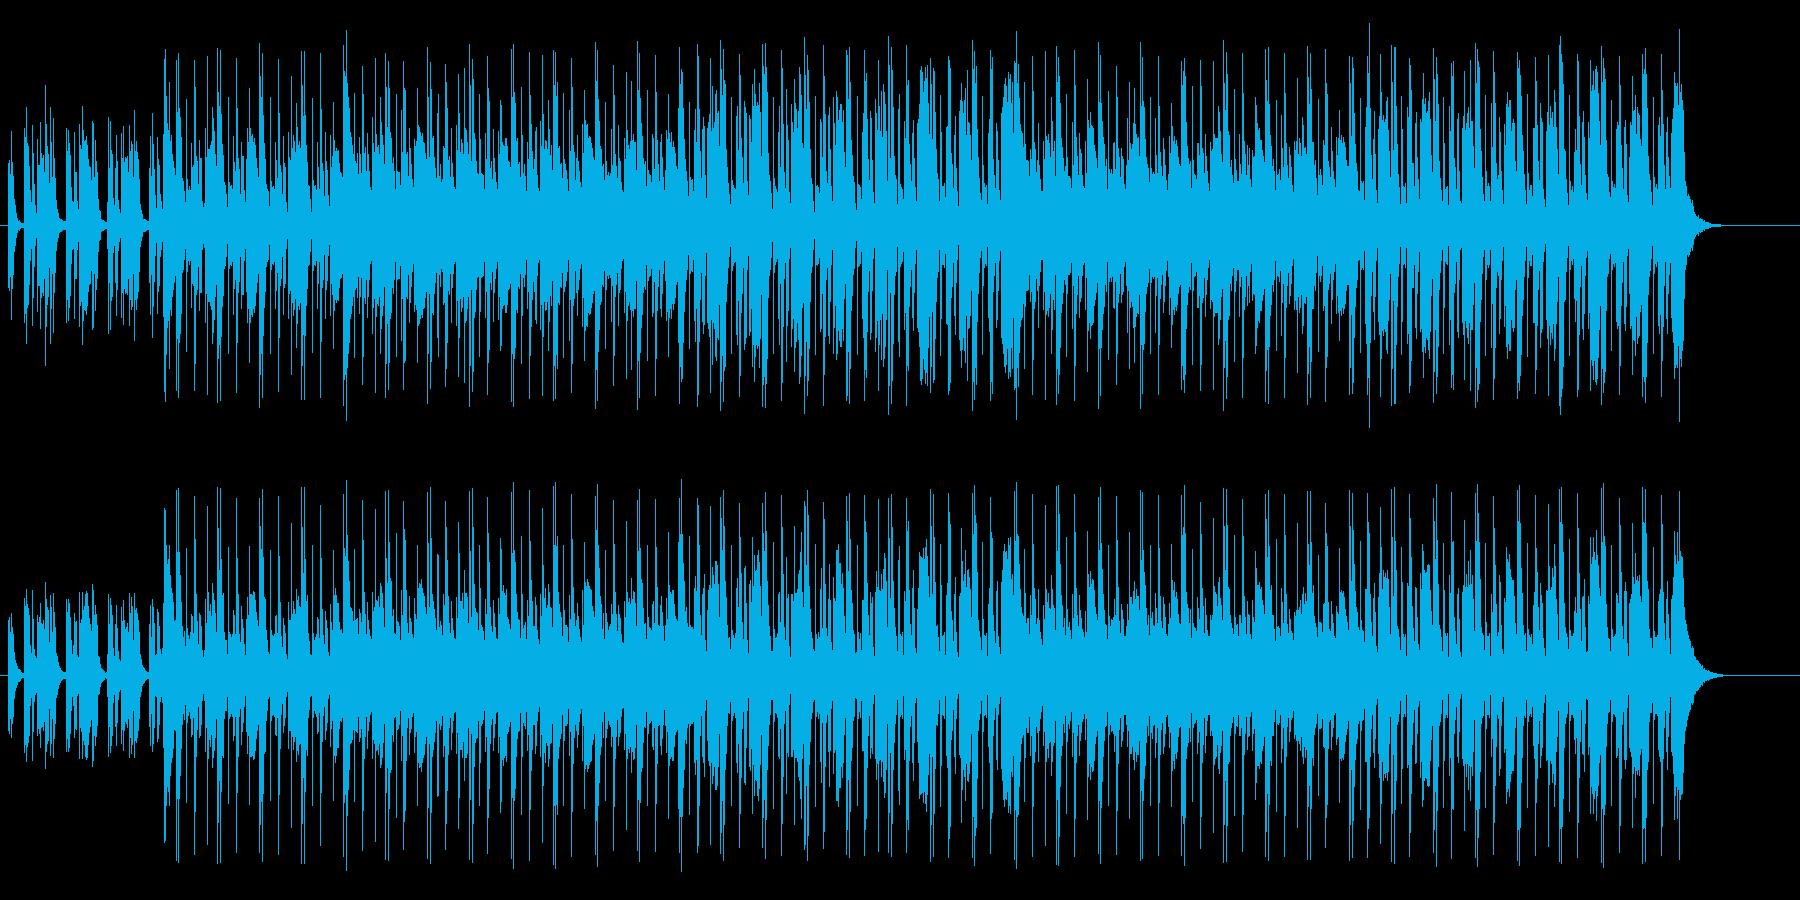 重いドキュメントのマイナーテクノポップスの再生済みの波形